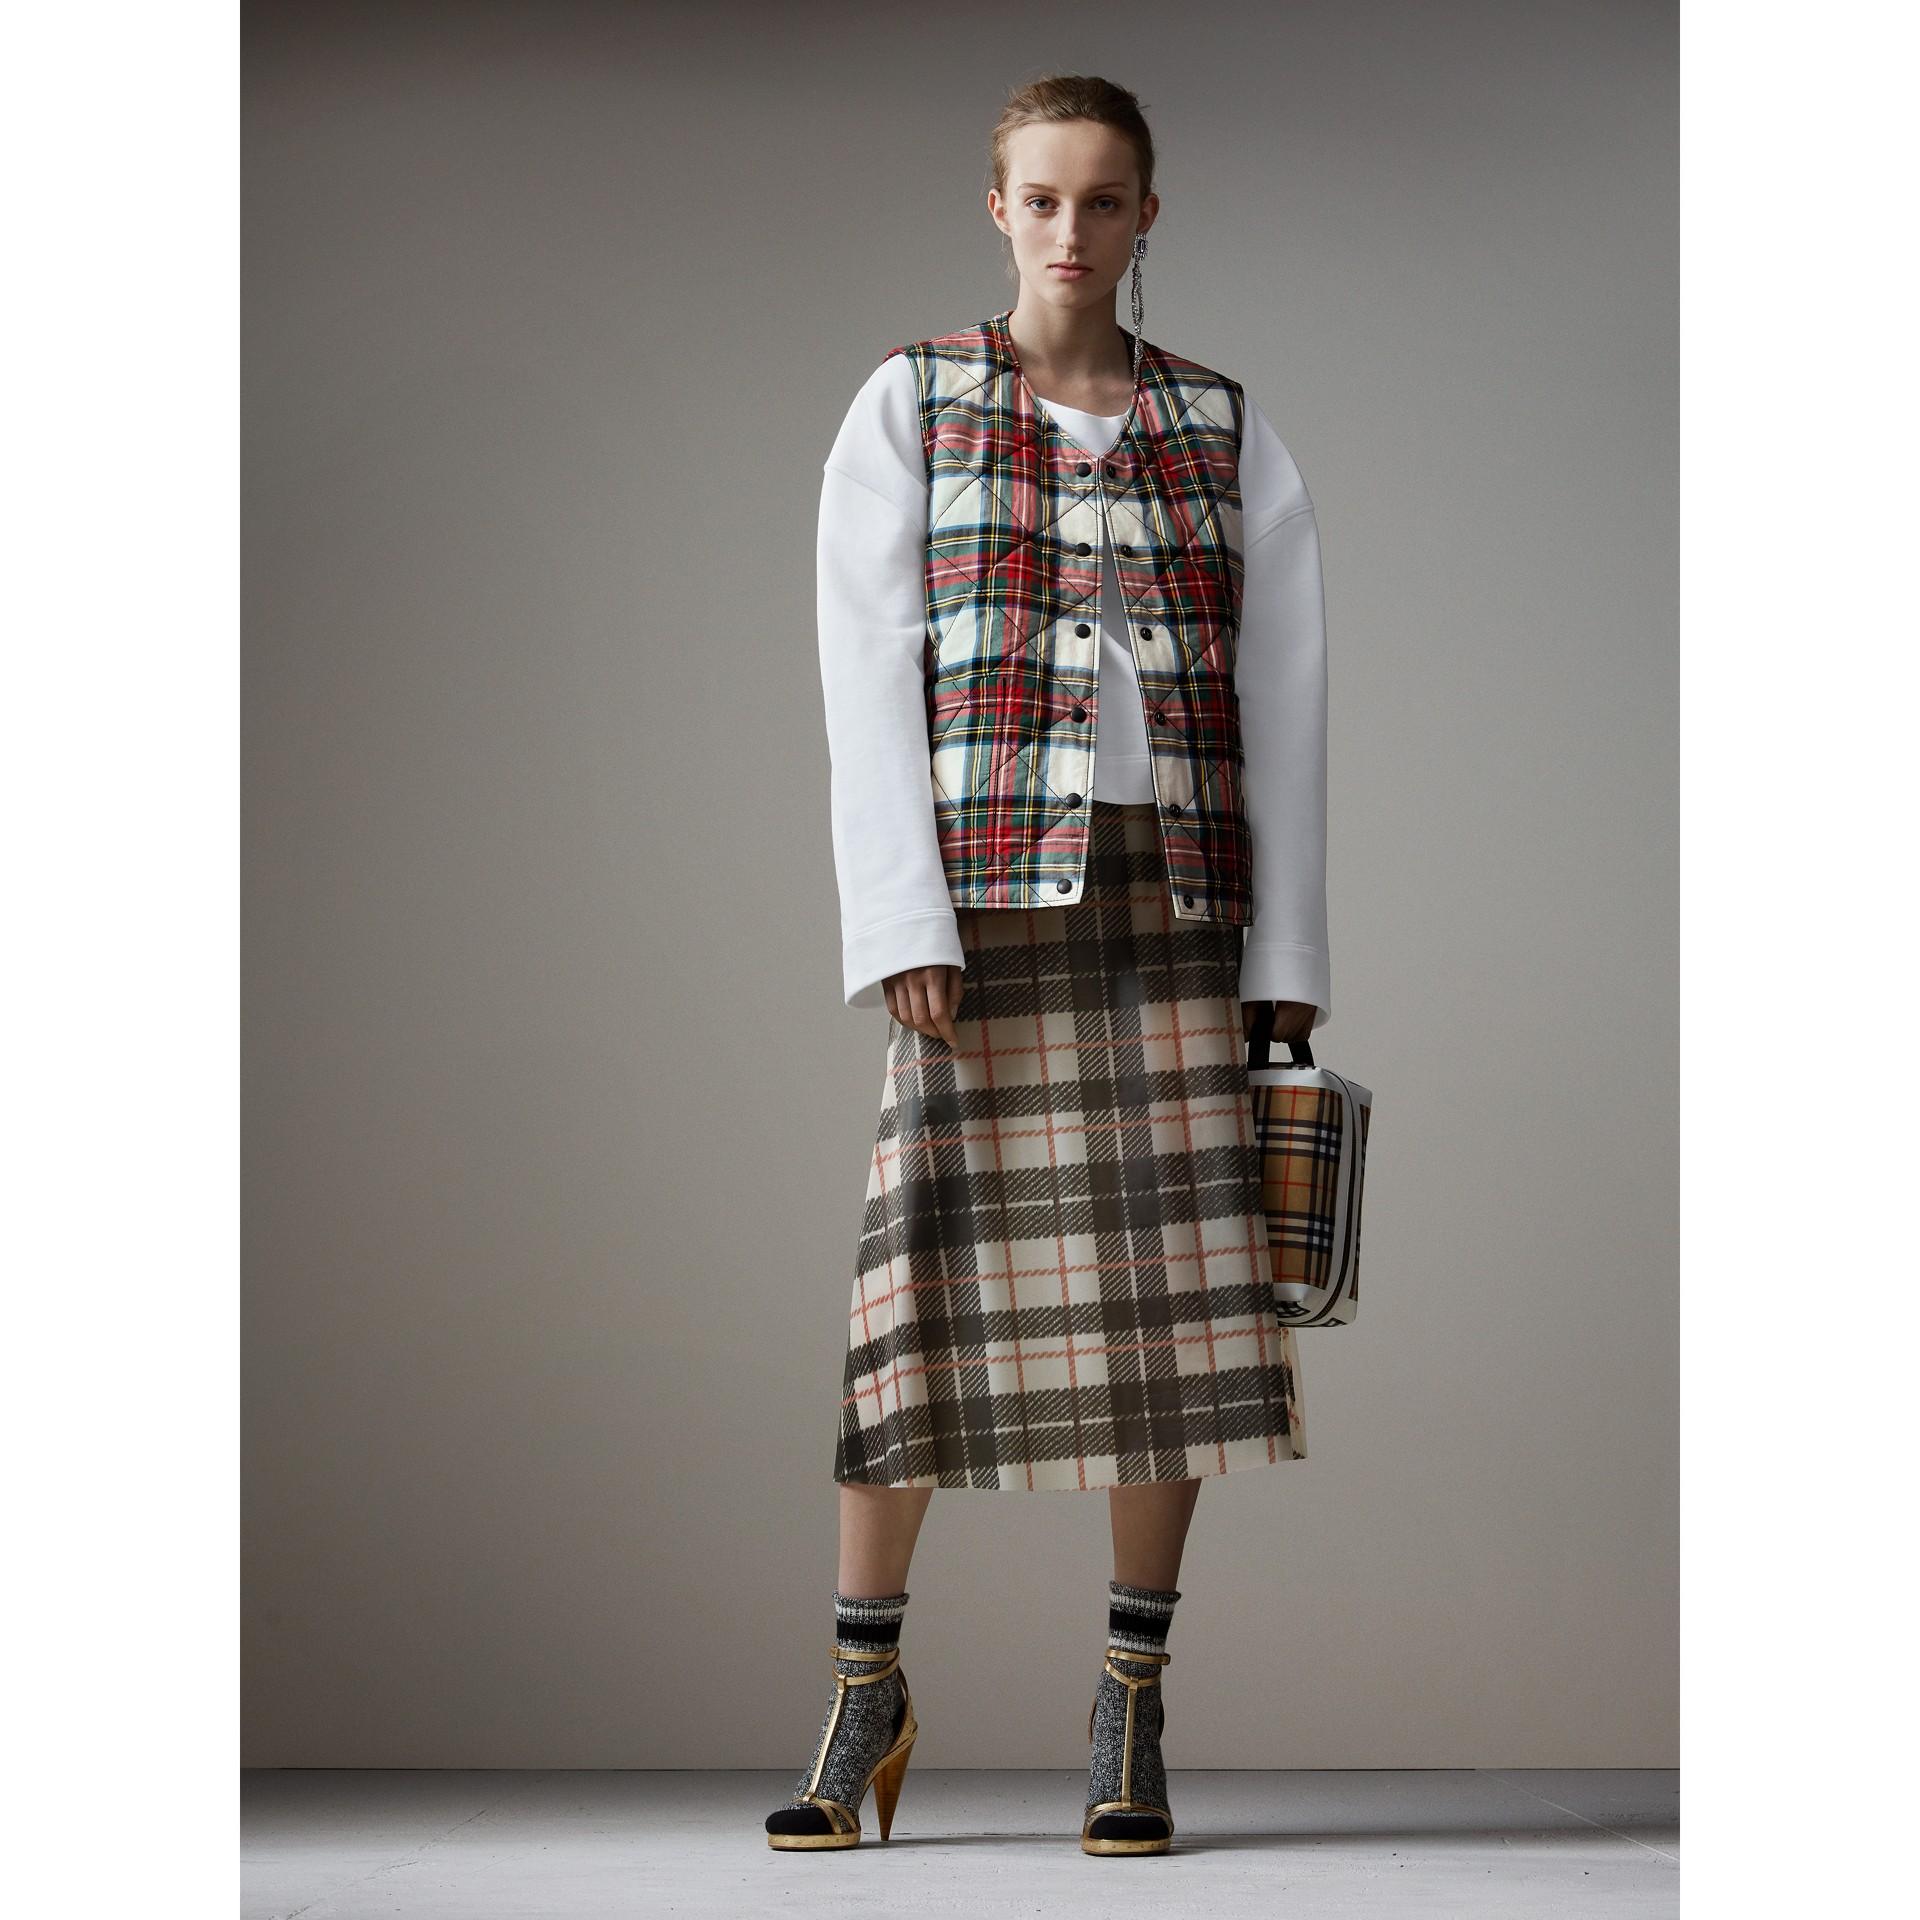 Silk-lined Tartan Plastic A-line Skirt in Black/beige - Women | Burberry - gallery image 6